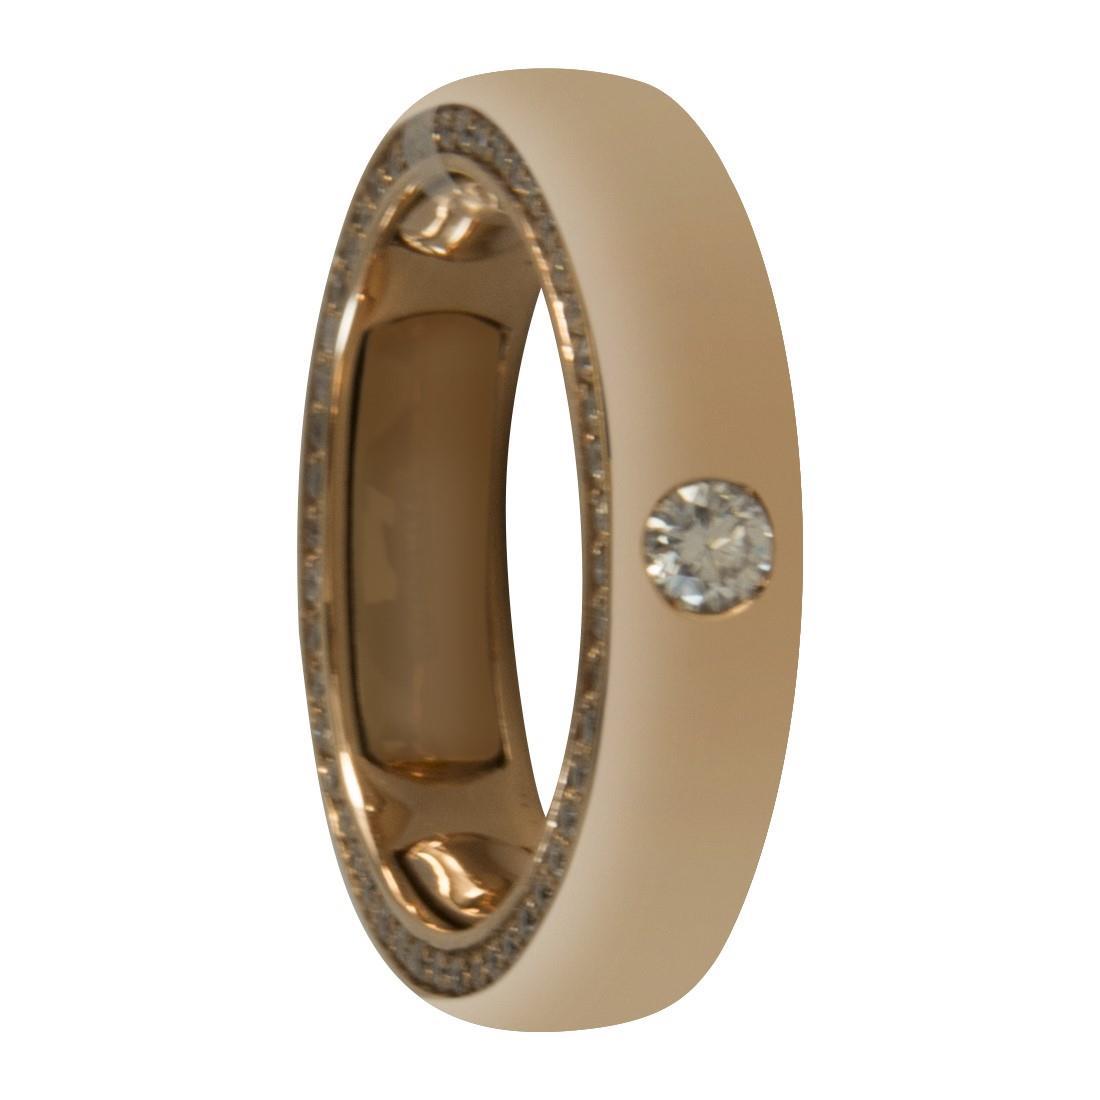 Anello in oro 18kt con diamanti ct 0.65 - ALFIERI ST JOHN